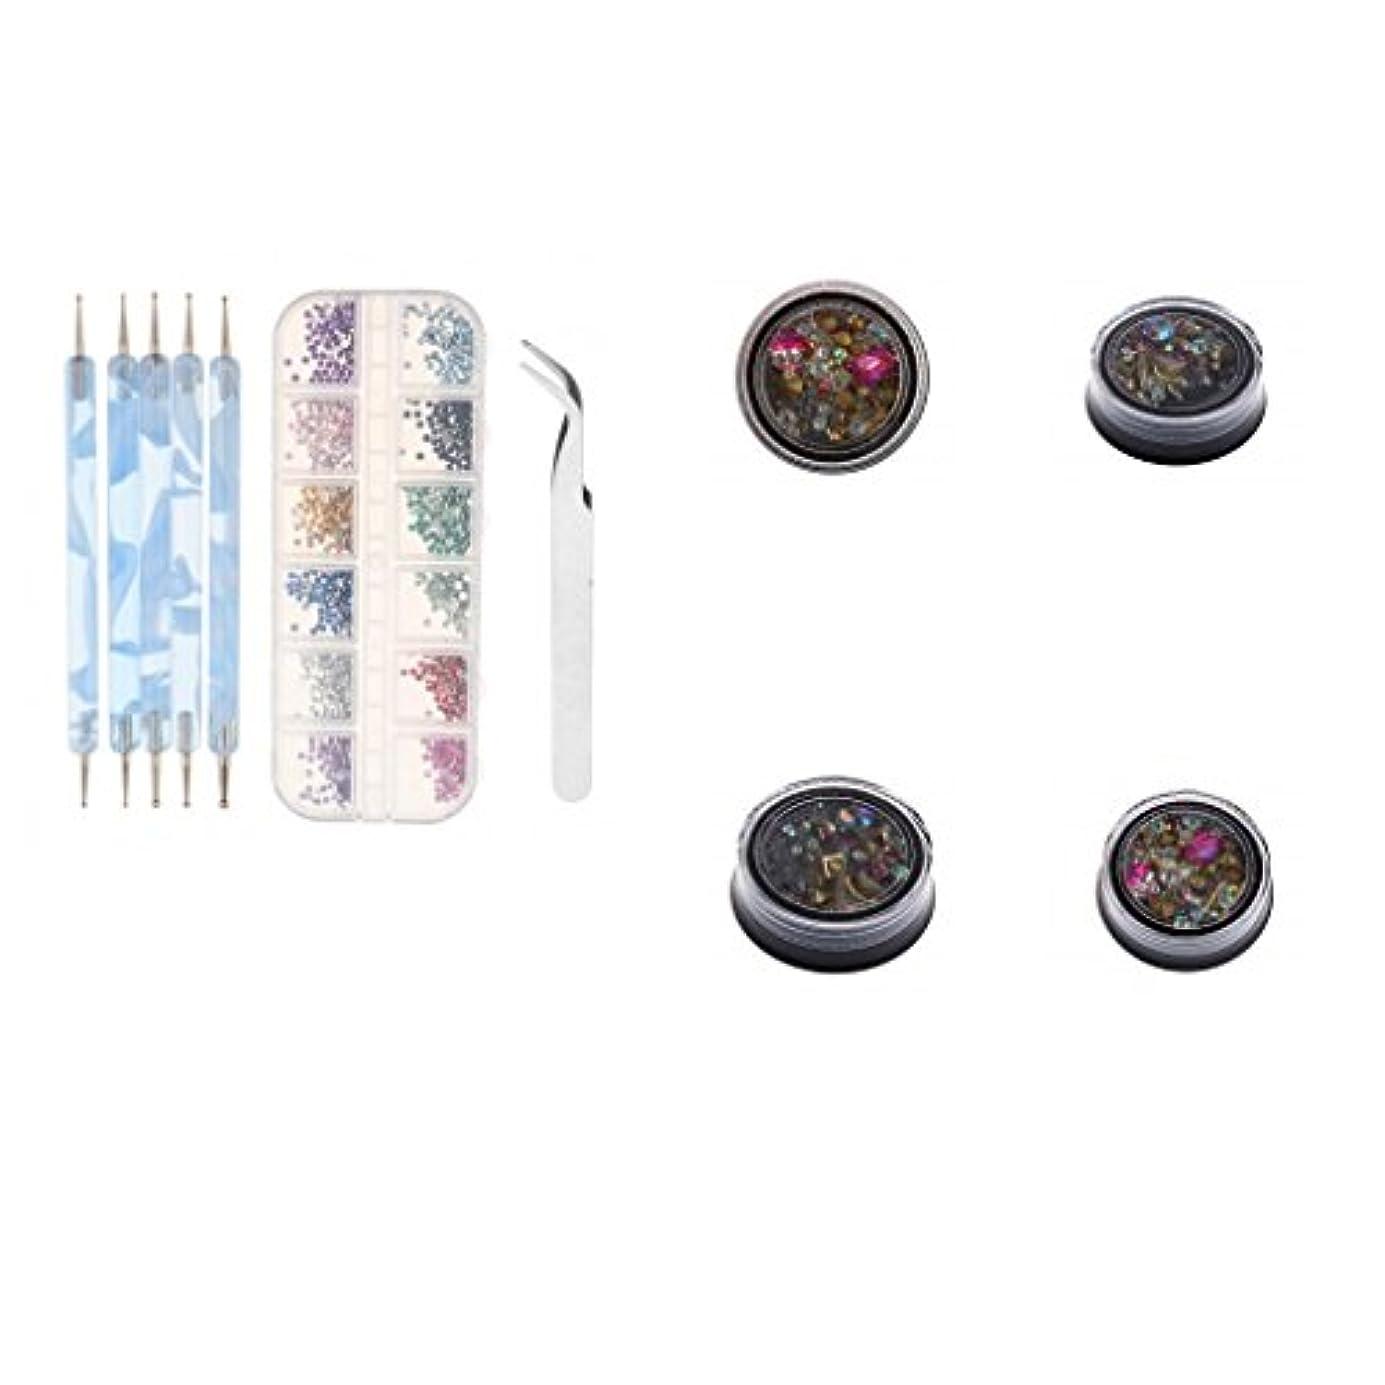 ベンチセラービジネスCUTICATE 混合色のラインストーン付きの5本のネイルアート点描ペイントブラシペンキラキラのヒント